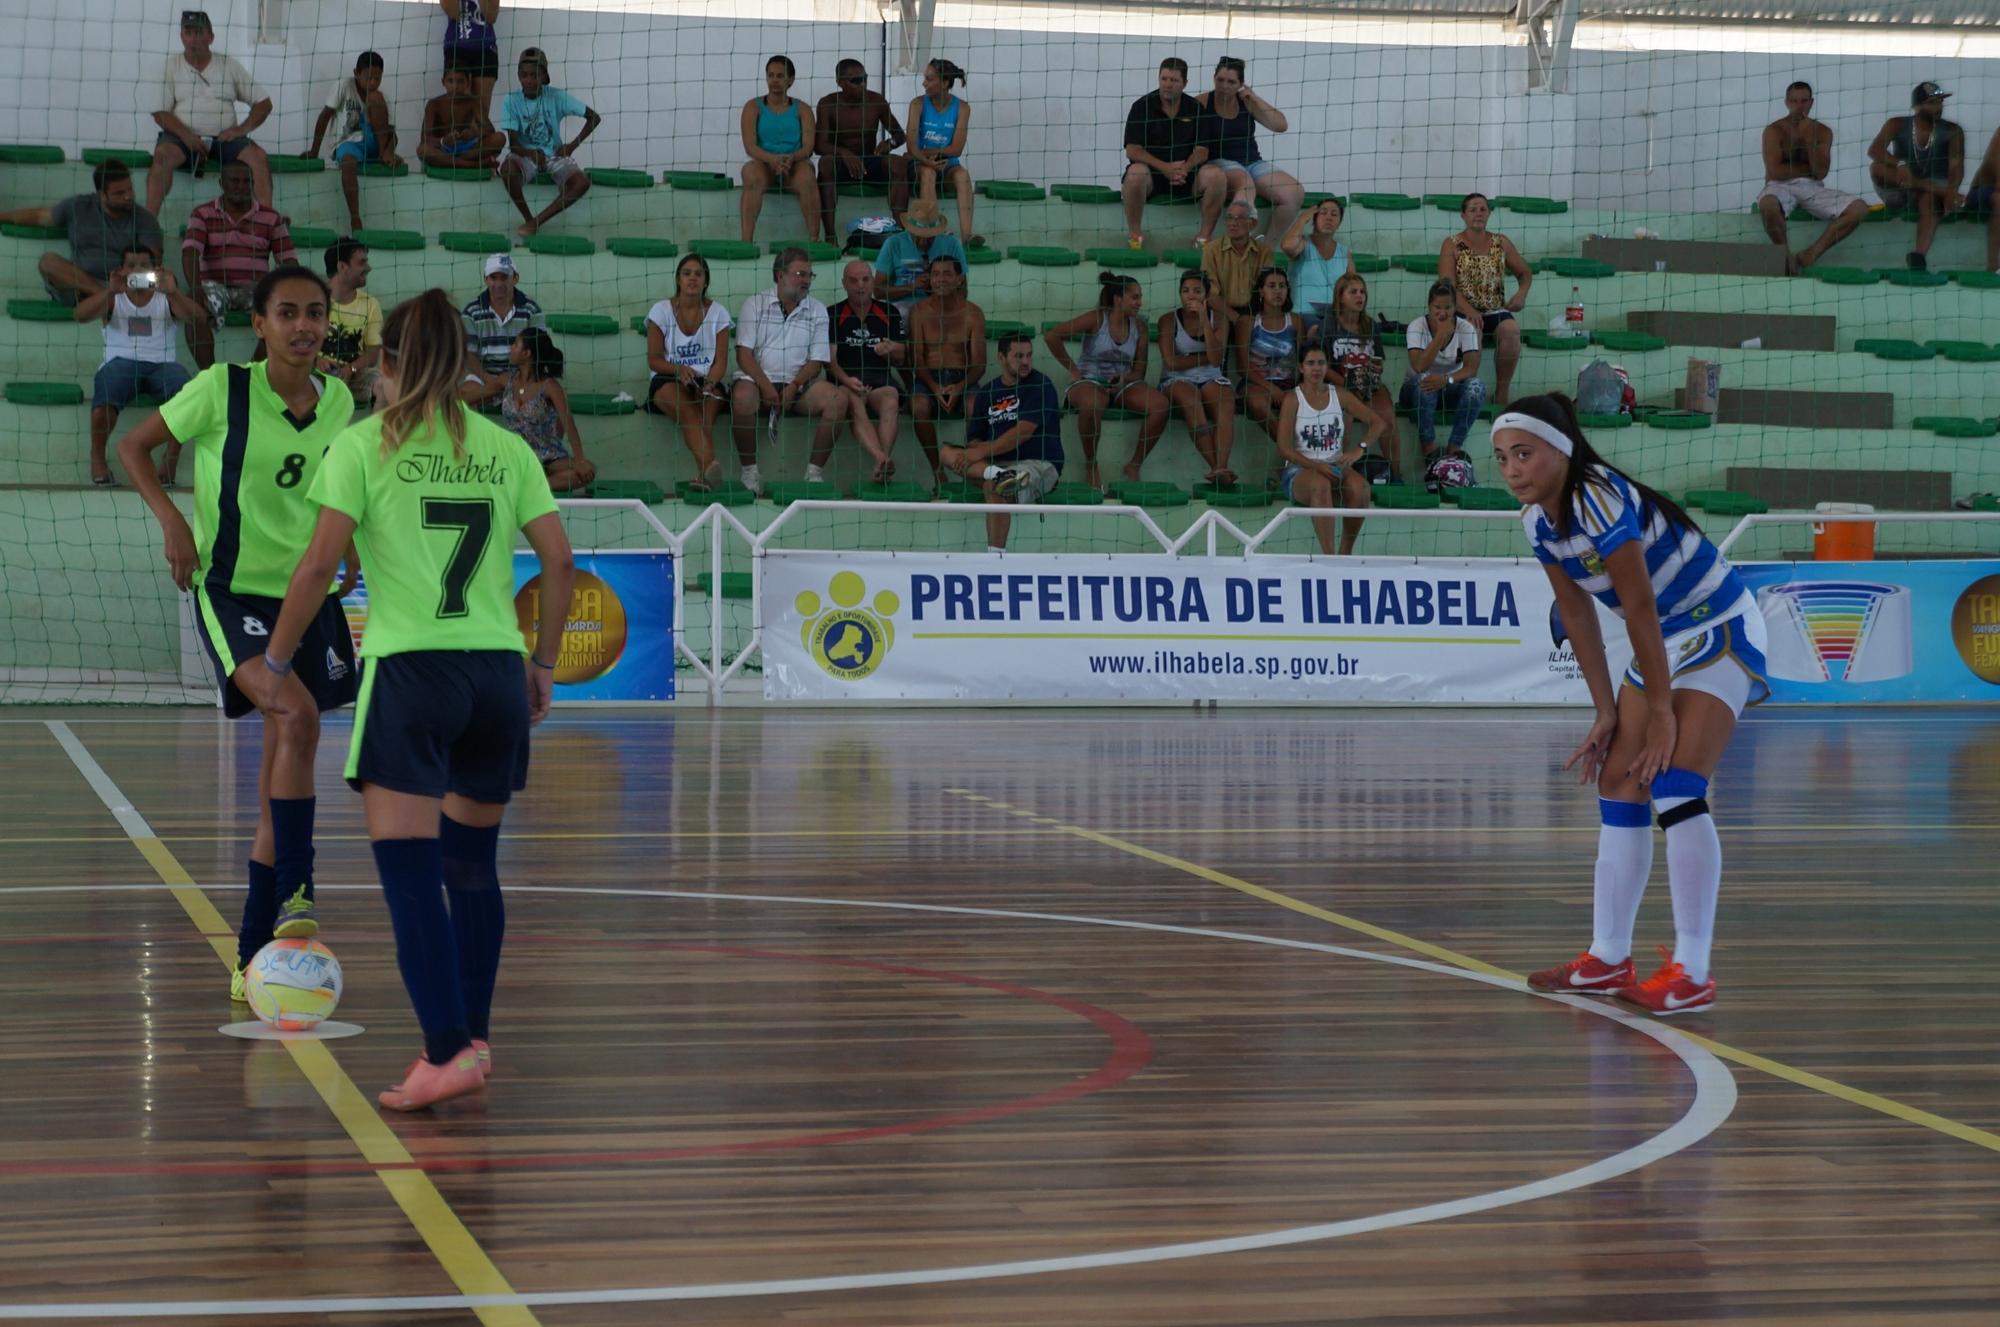 Taça Vanguarda de Futsal Feminino entra nas quartas de final no ... - Globo.com